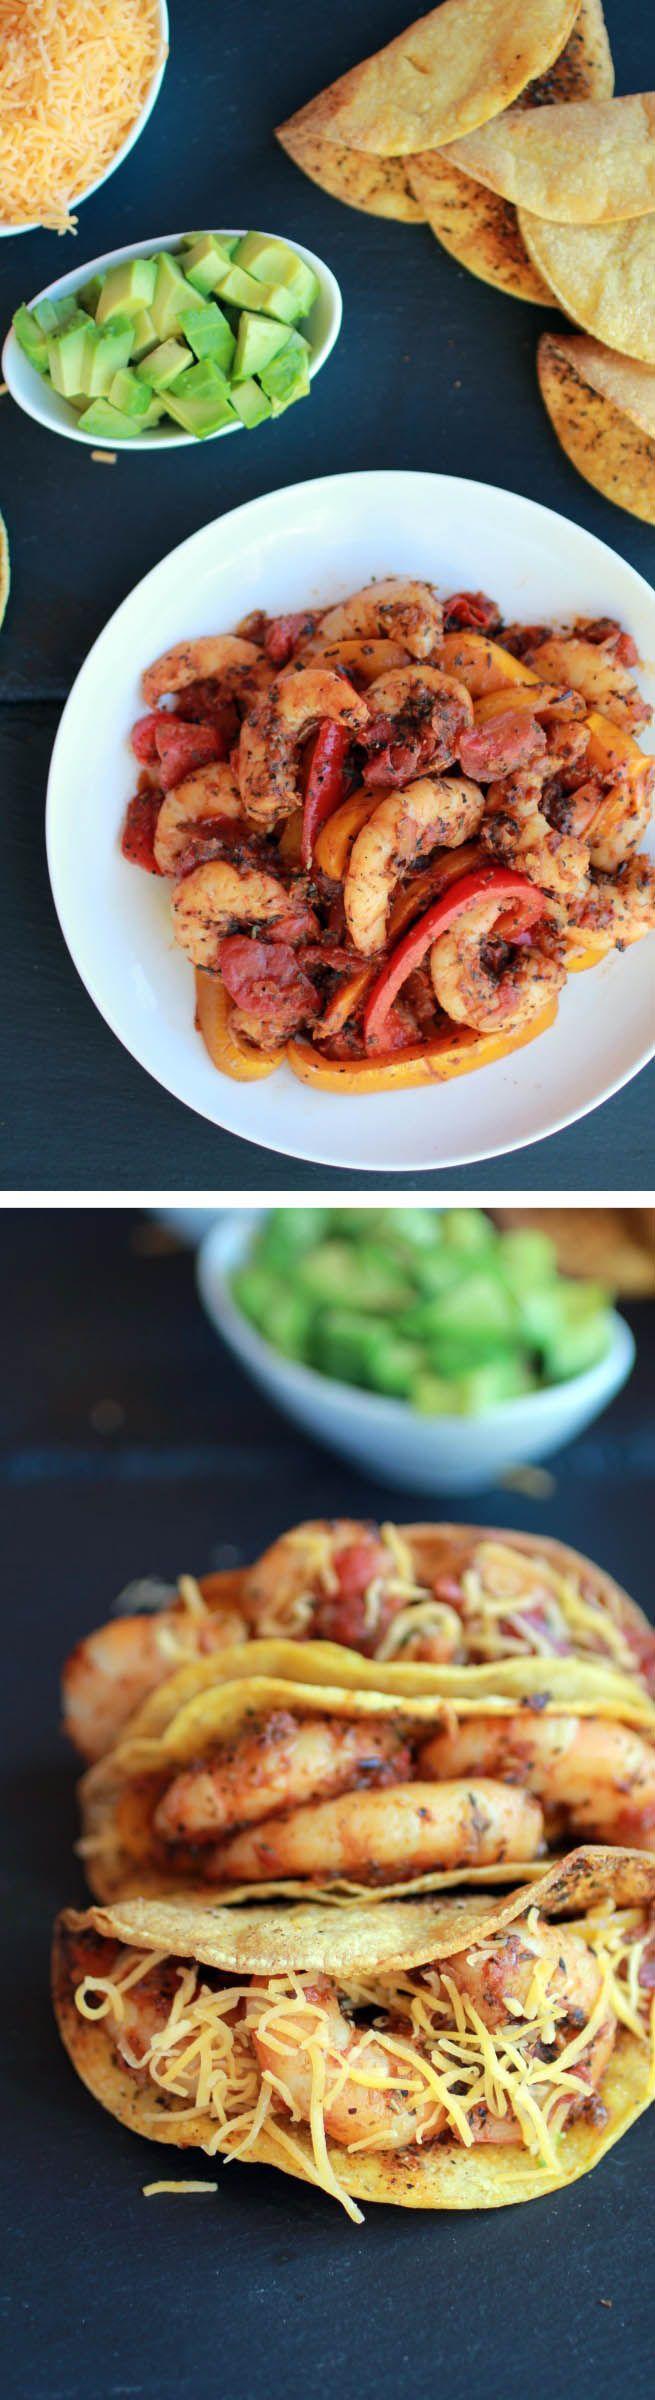 Cajun Shrimp Tacos with homemade Hard Shell Tacos | Recipe